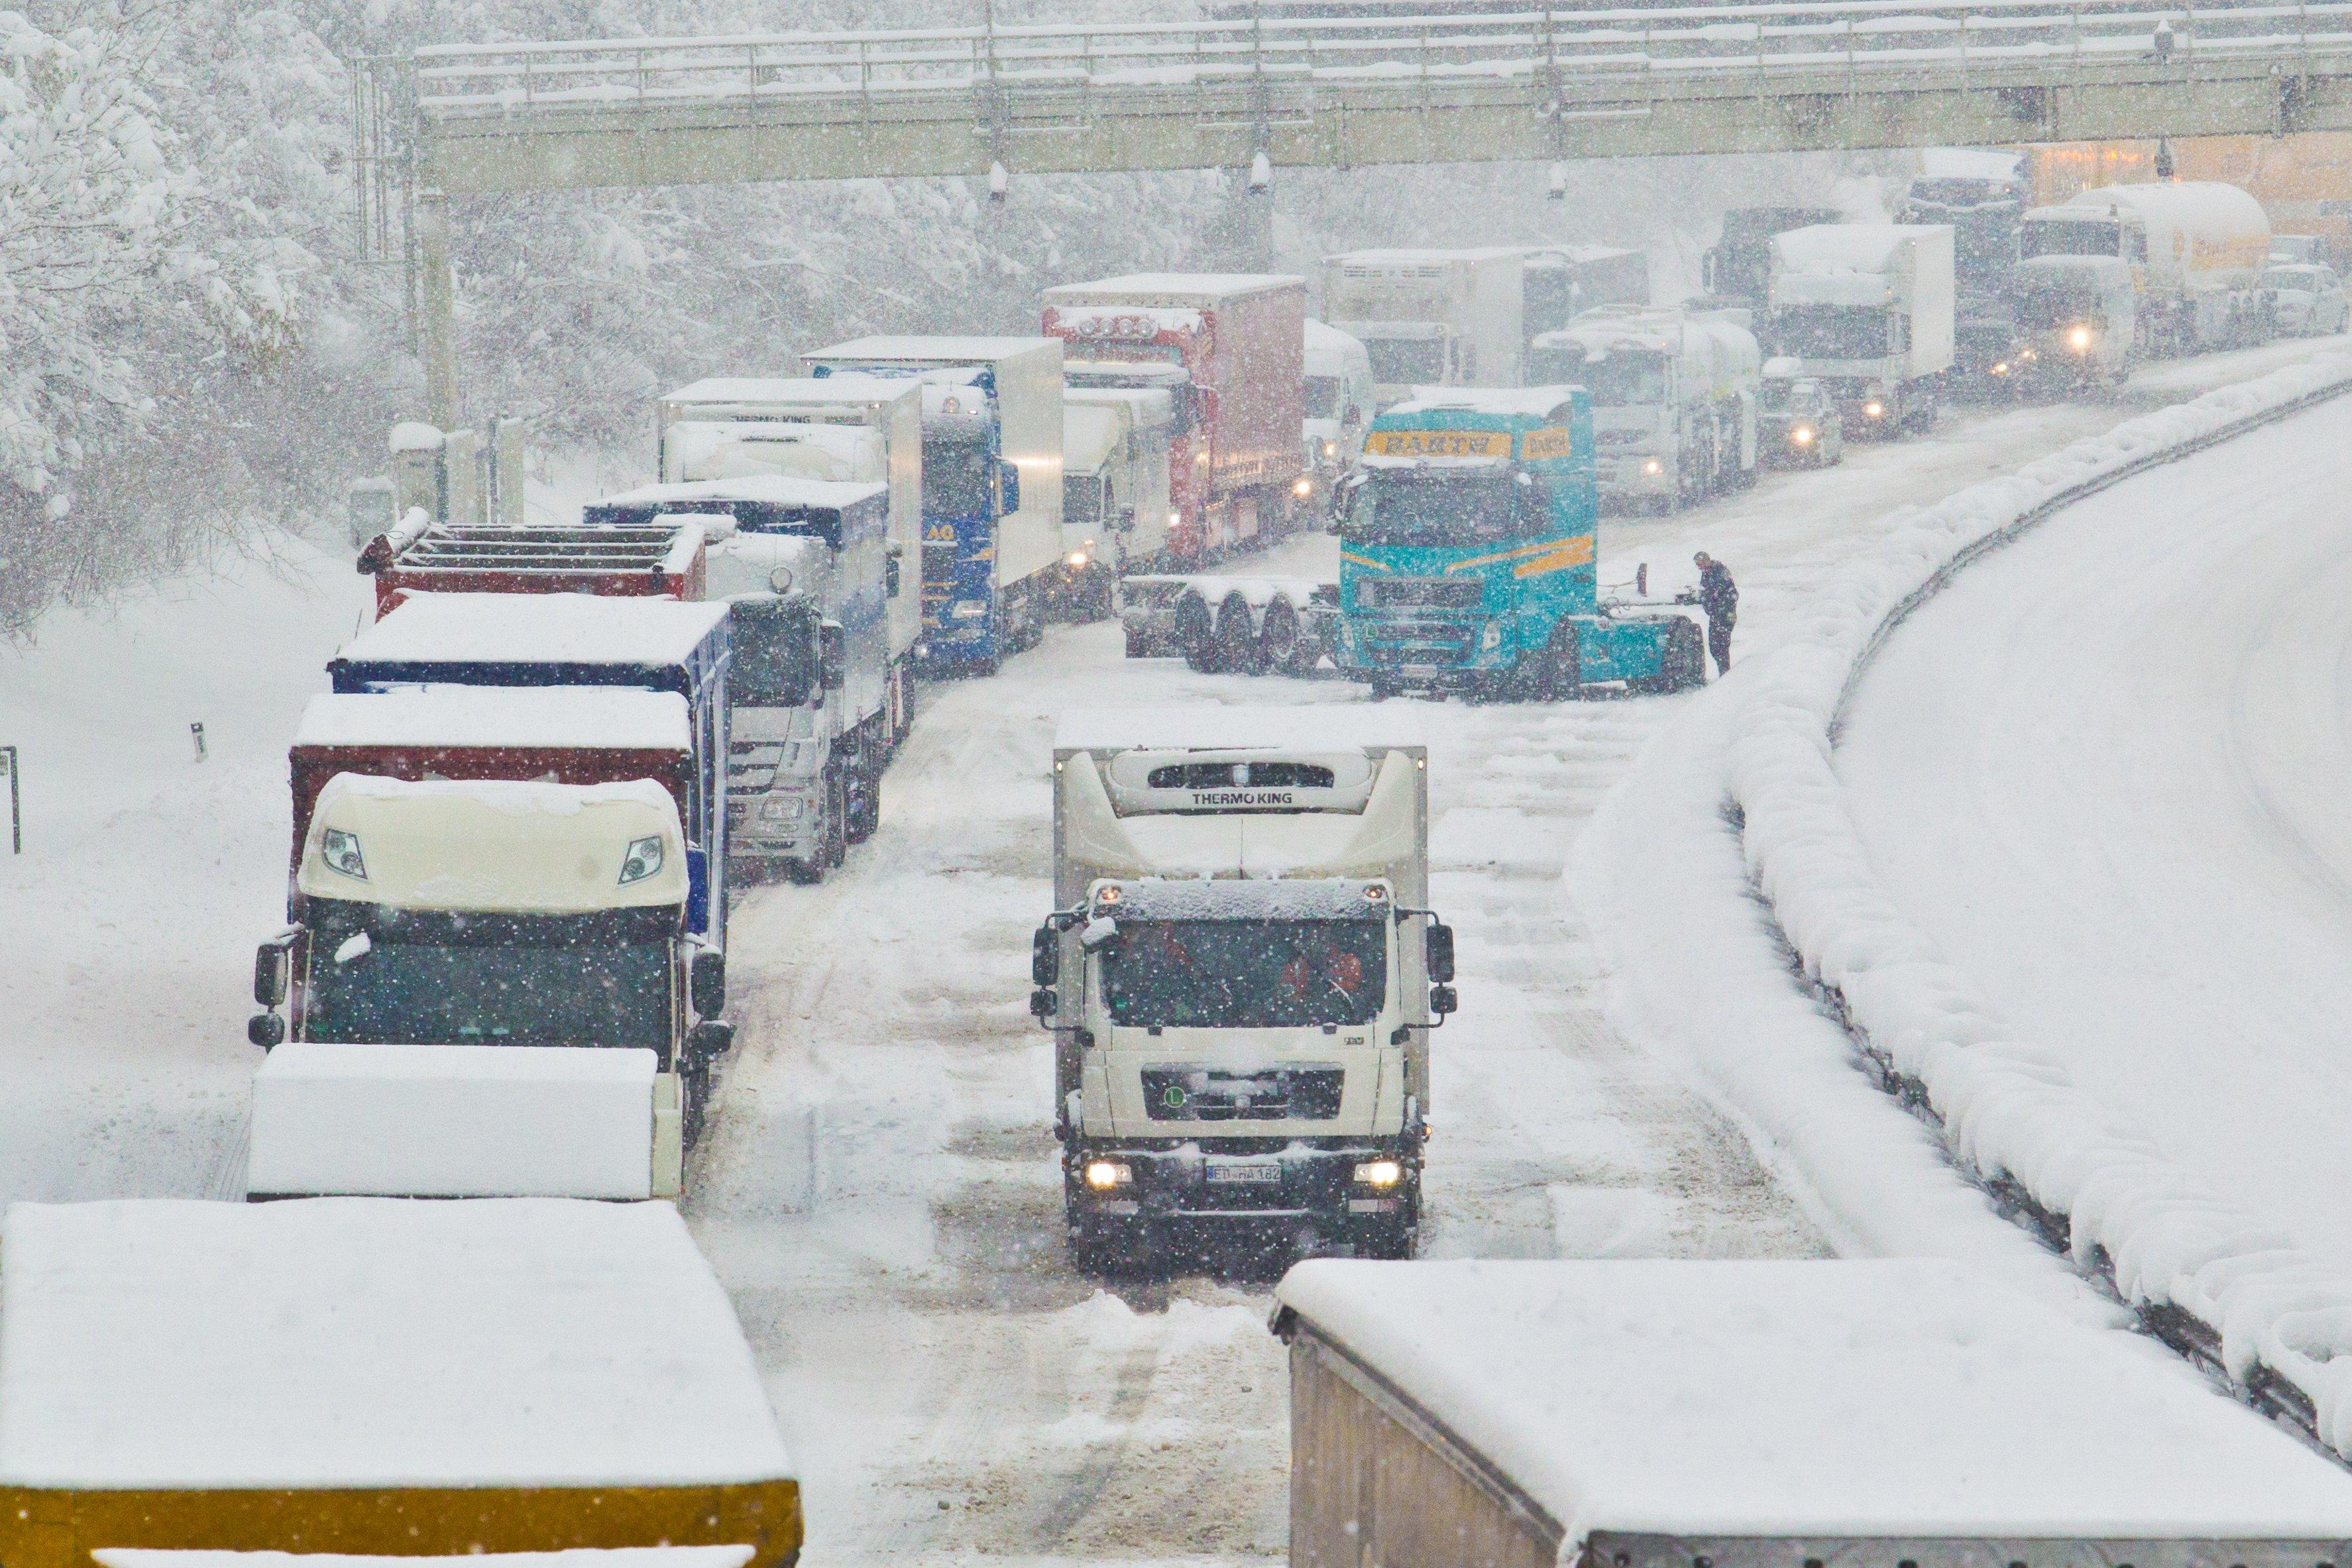 Schnee im ganzen Ländle - Vorsicht vor Straßenglätte